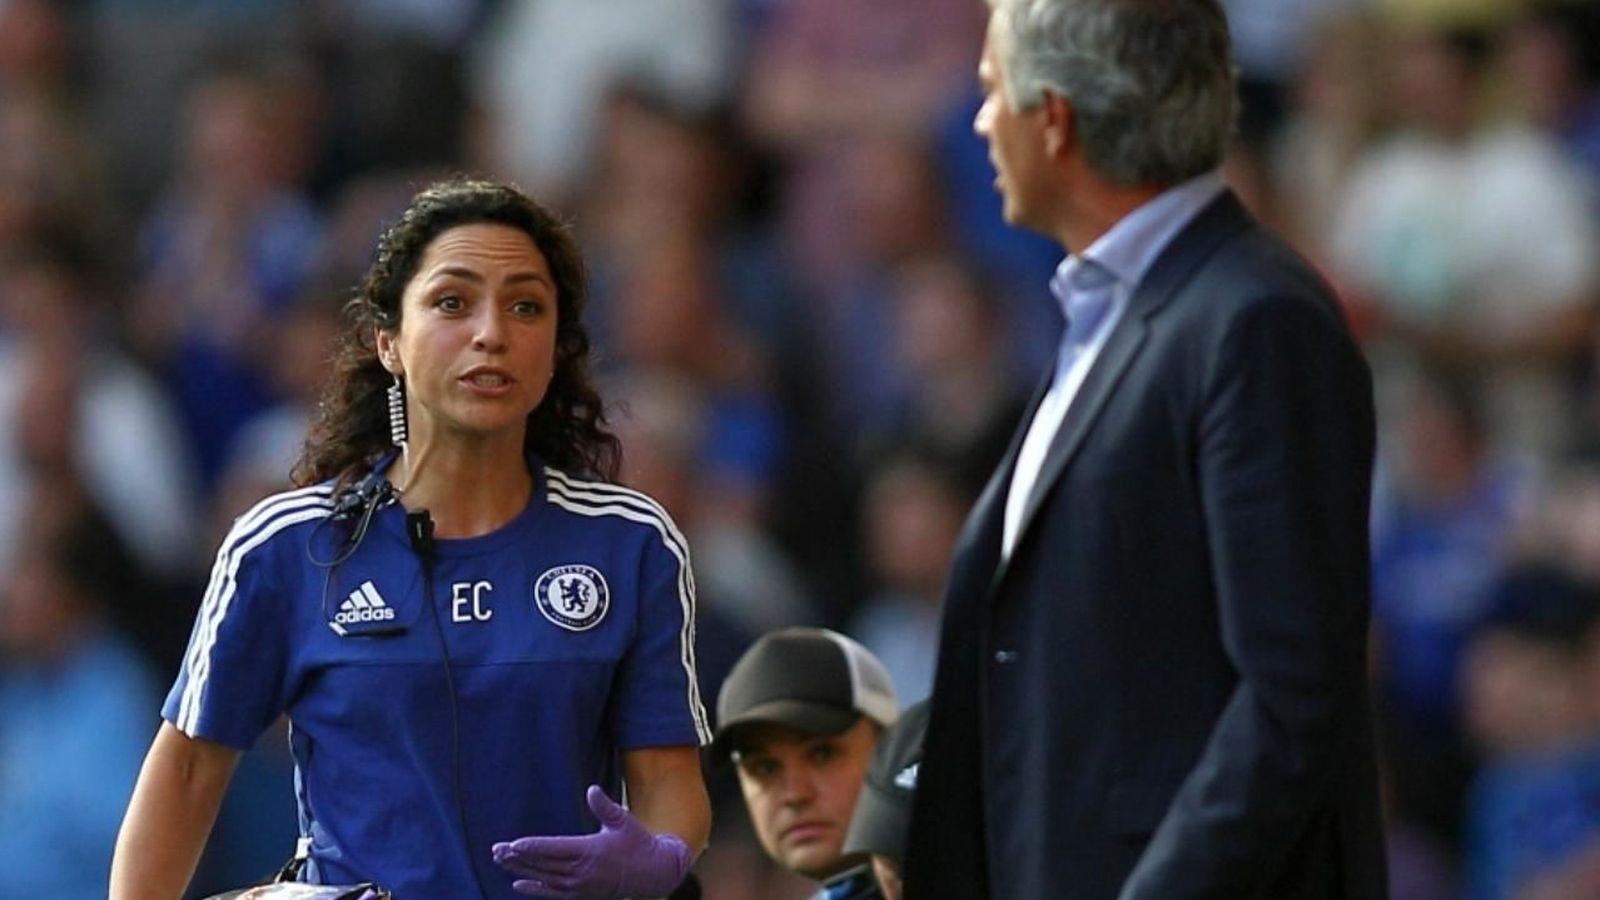 Foto: Eva Carneiro y Mourinho, discutiendo tras la polémica ante el Swansea. (Reuters)